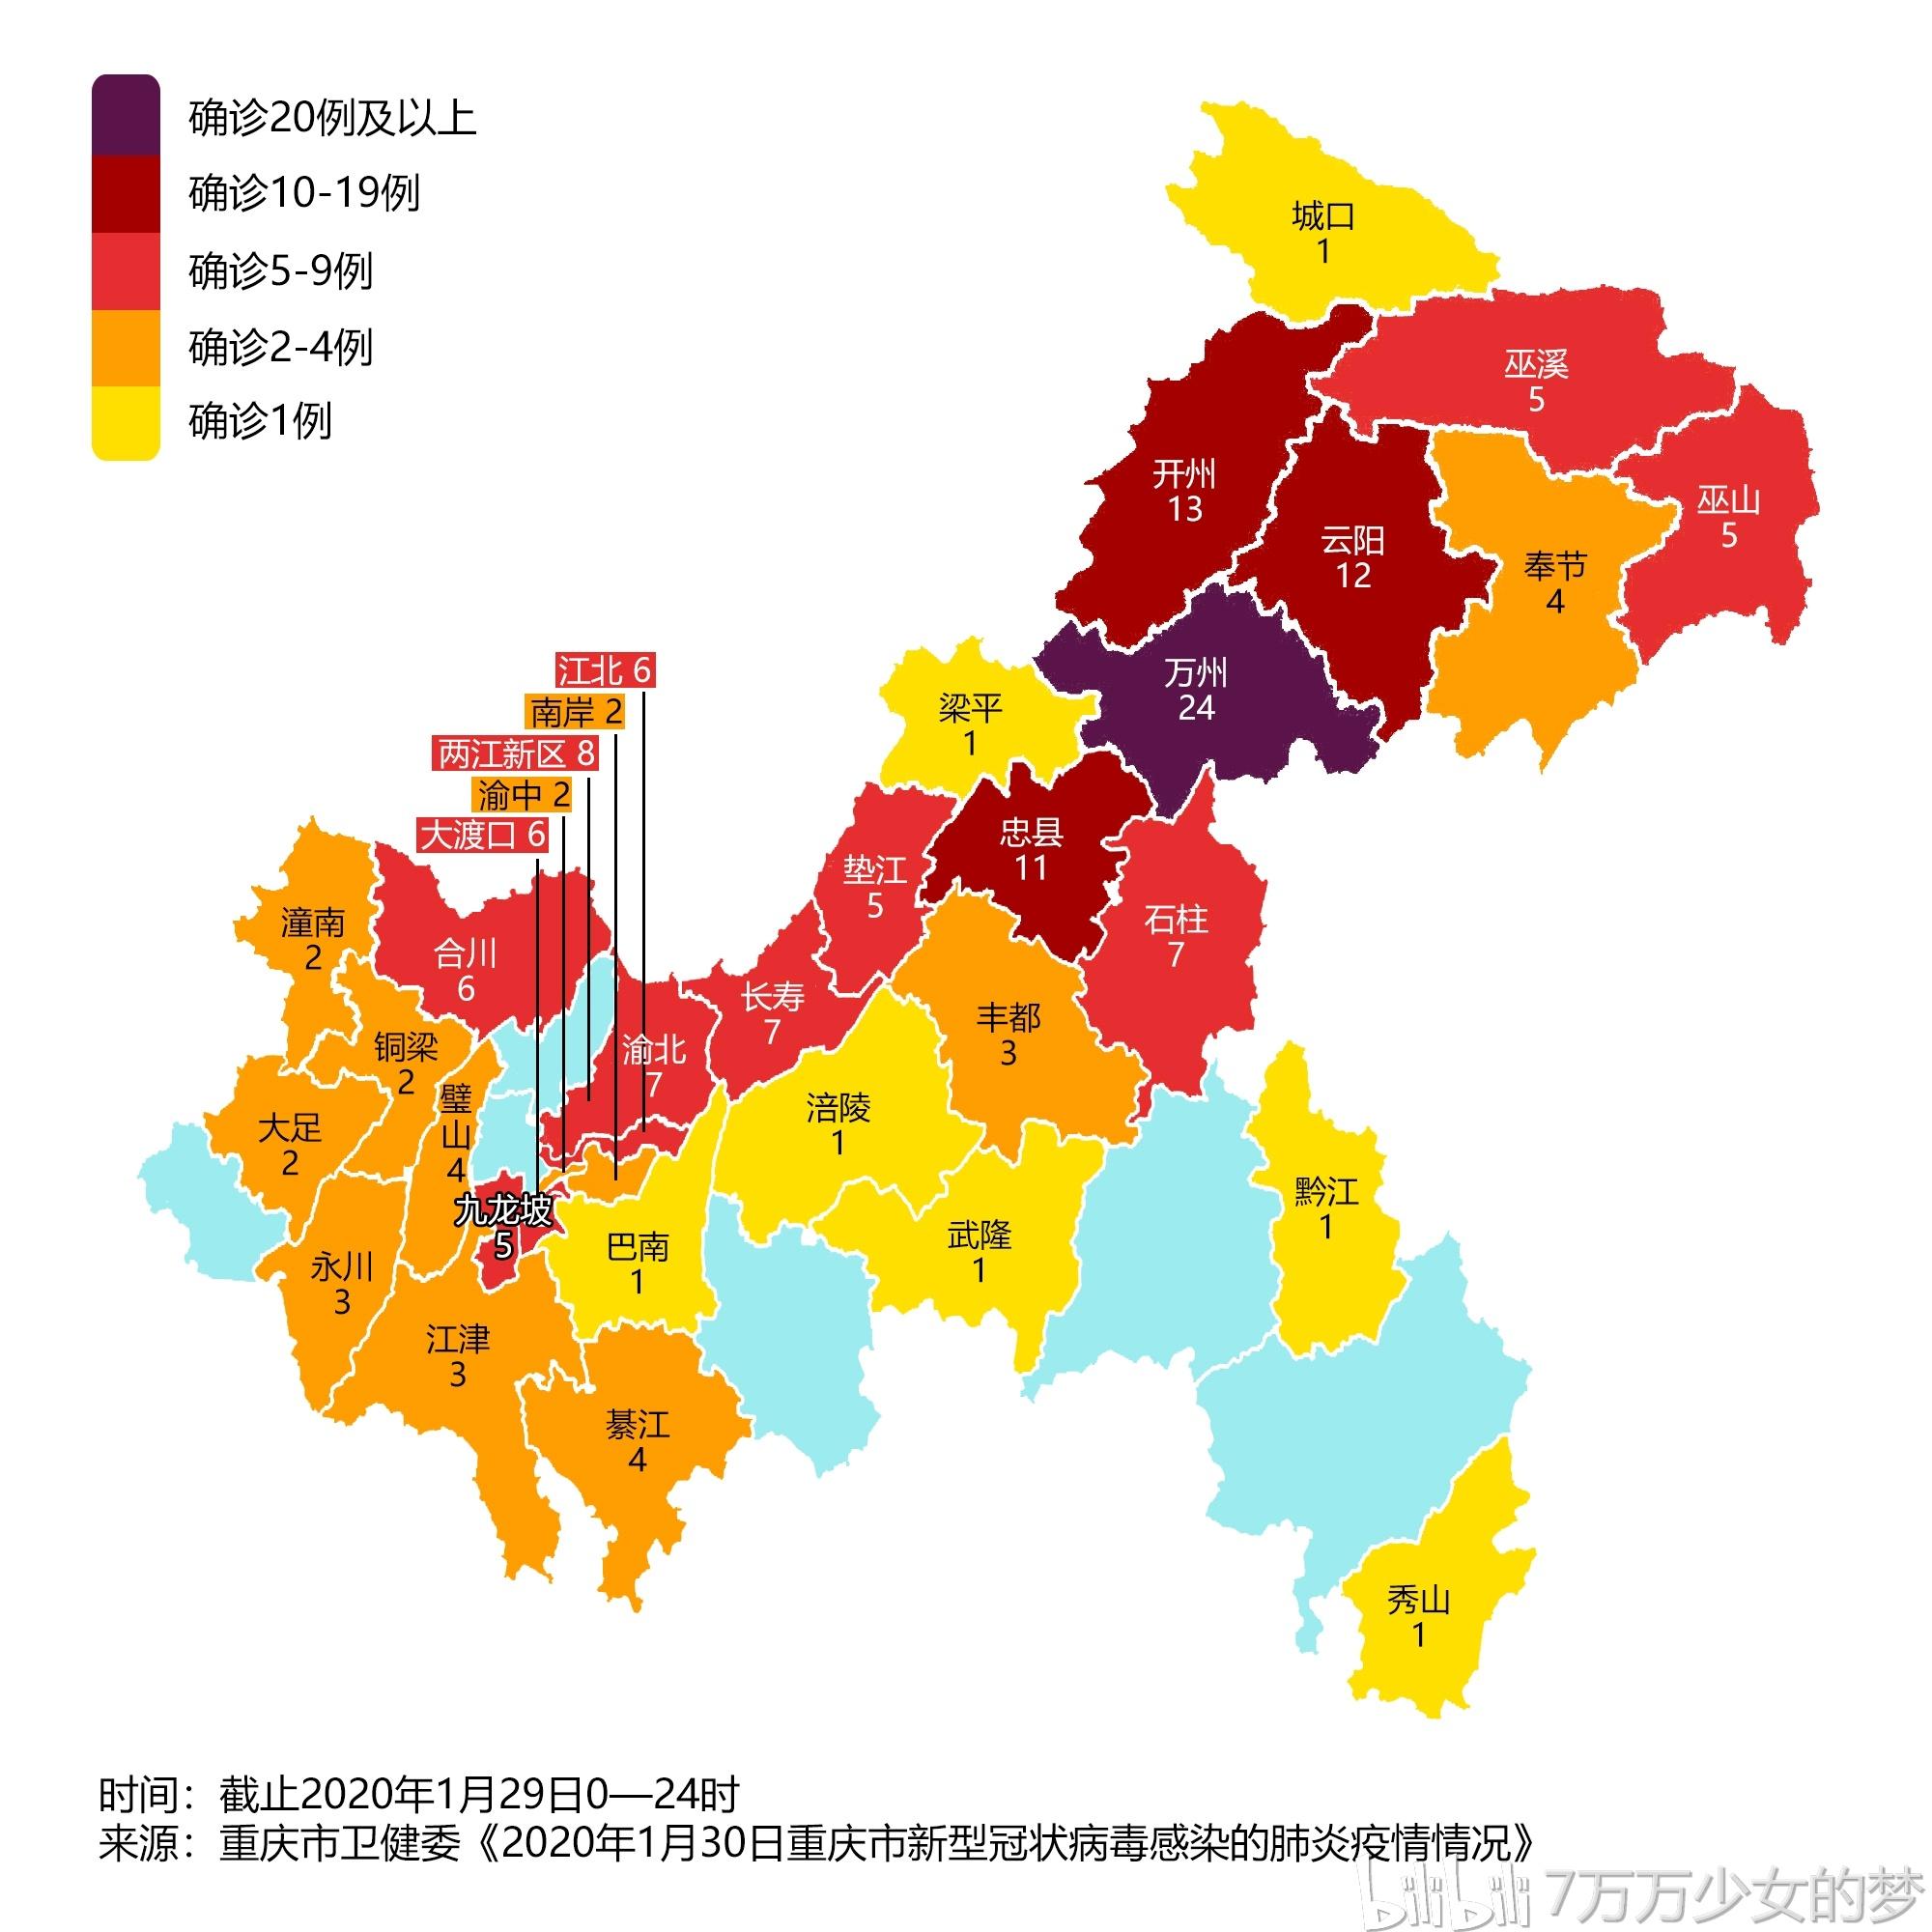 重庆新型冠状病毒肺炎疫情地图(1月31日)图片